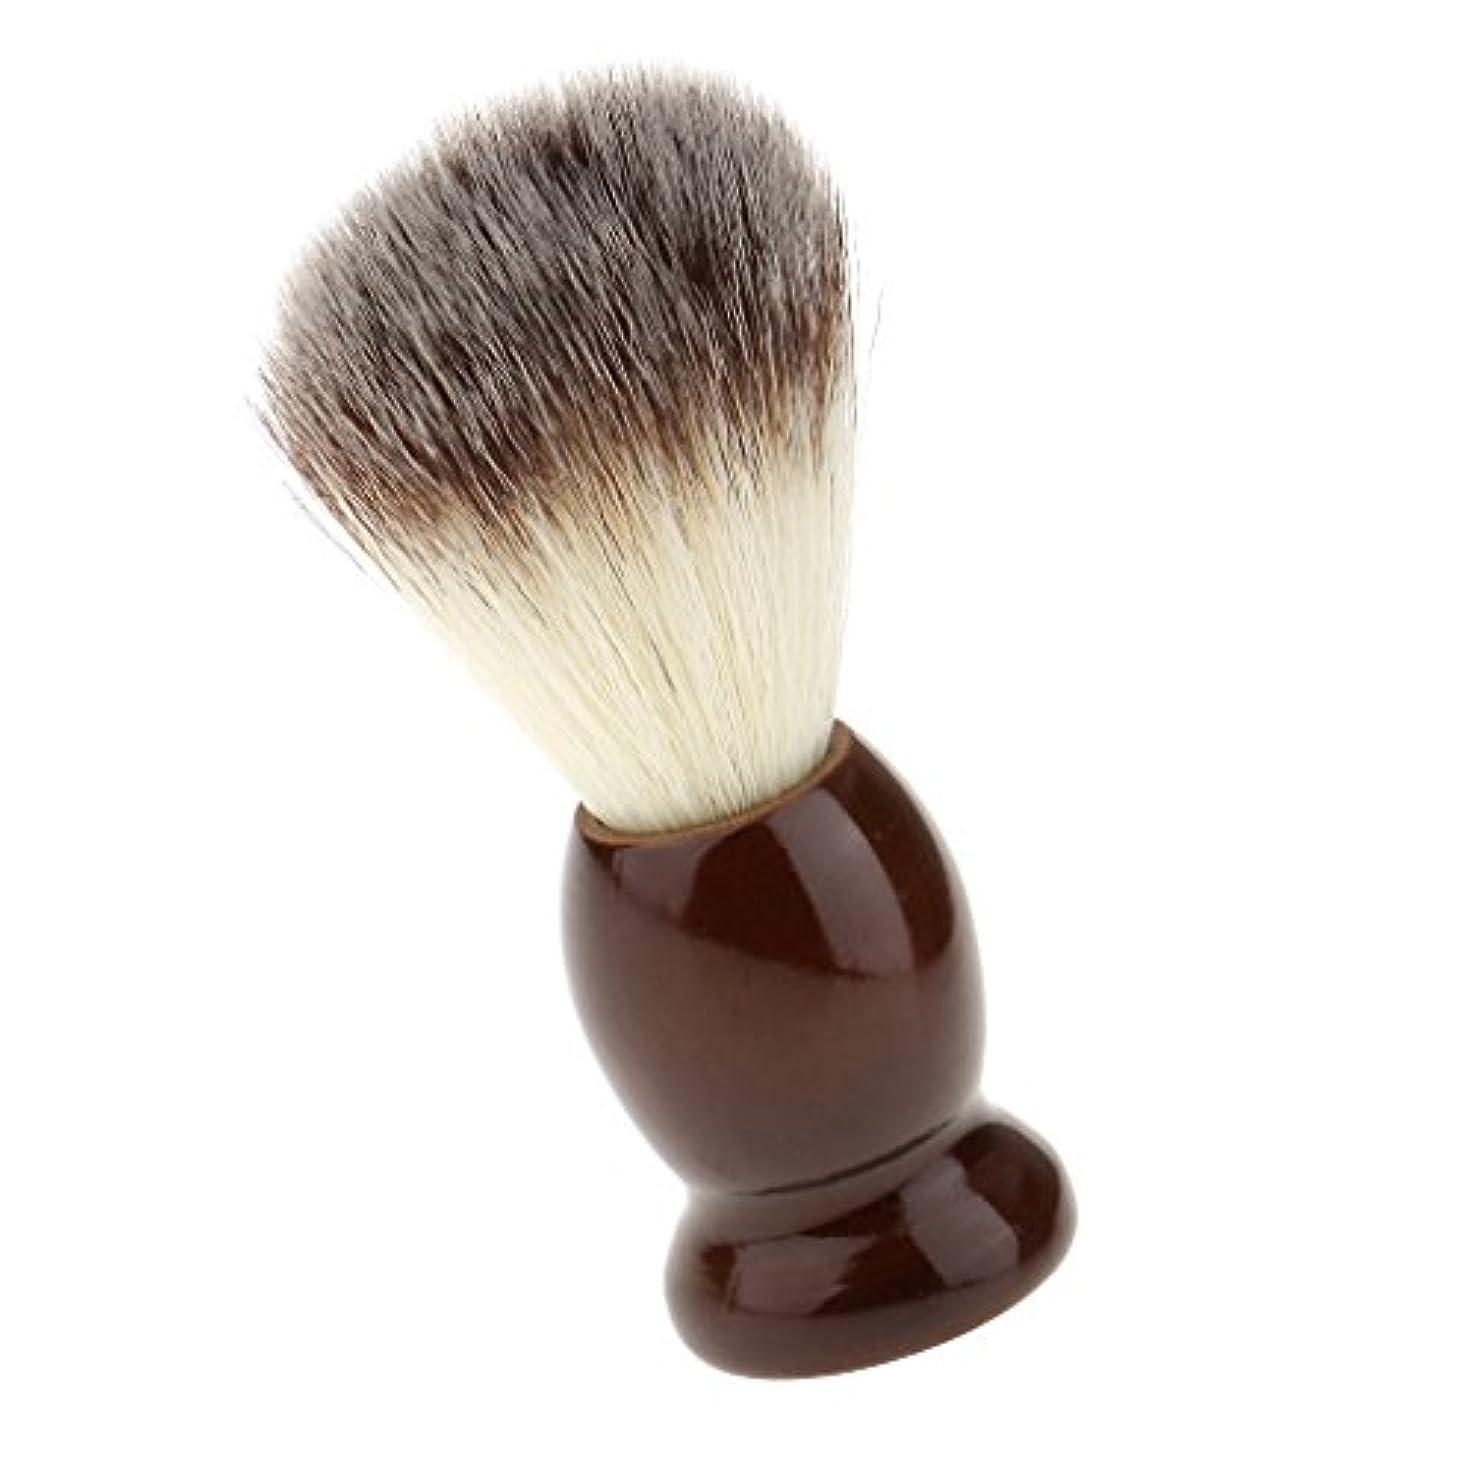 壊れた教えてヨーグルトSONONIA ナイロン製 シェービングブラシ サロン 柔らかい 髭剃り 洗顔 理容   便携 10.5cm  ブラウン